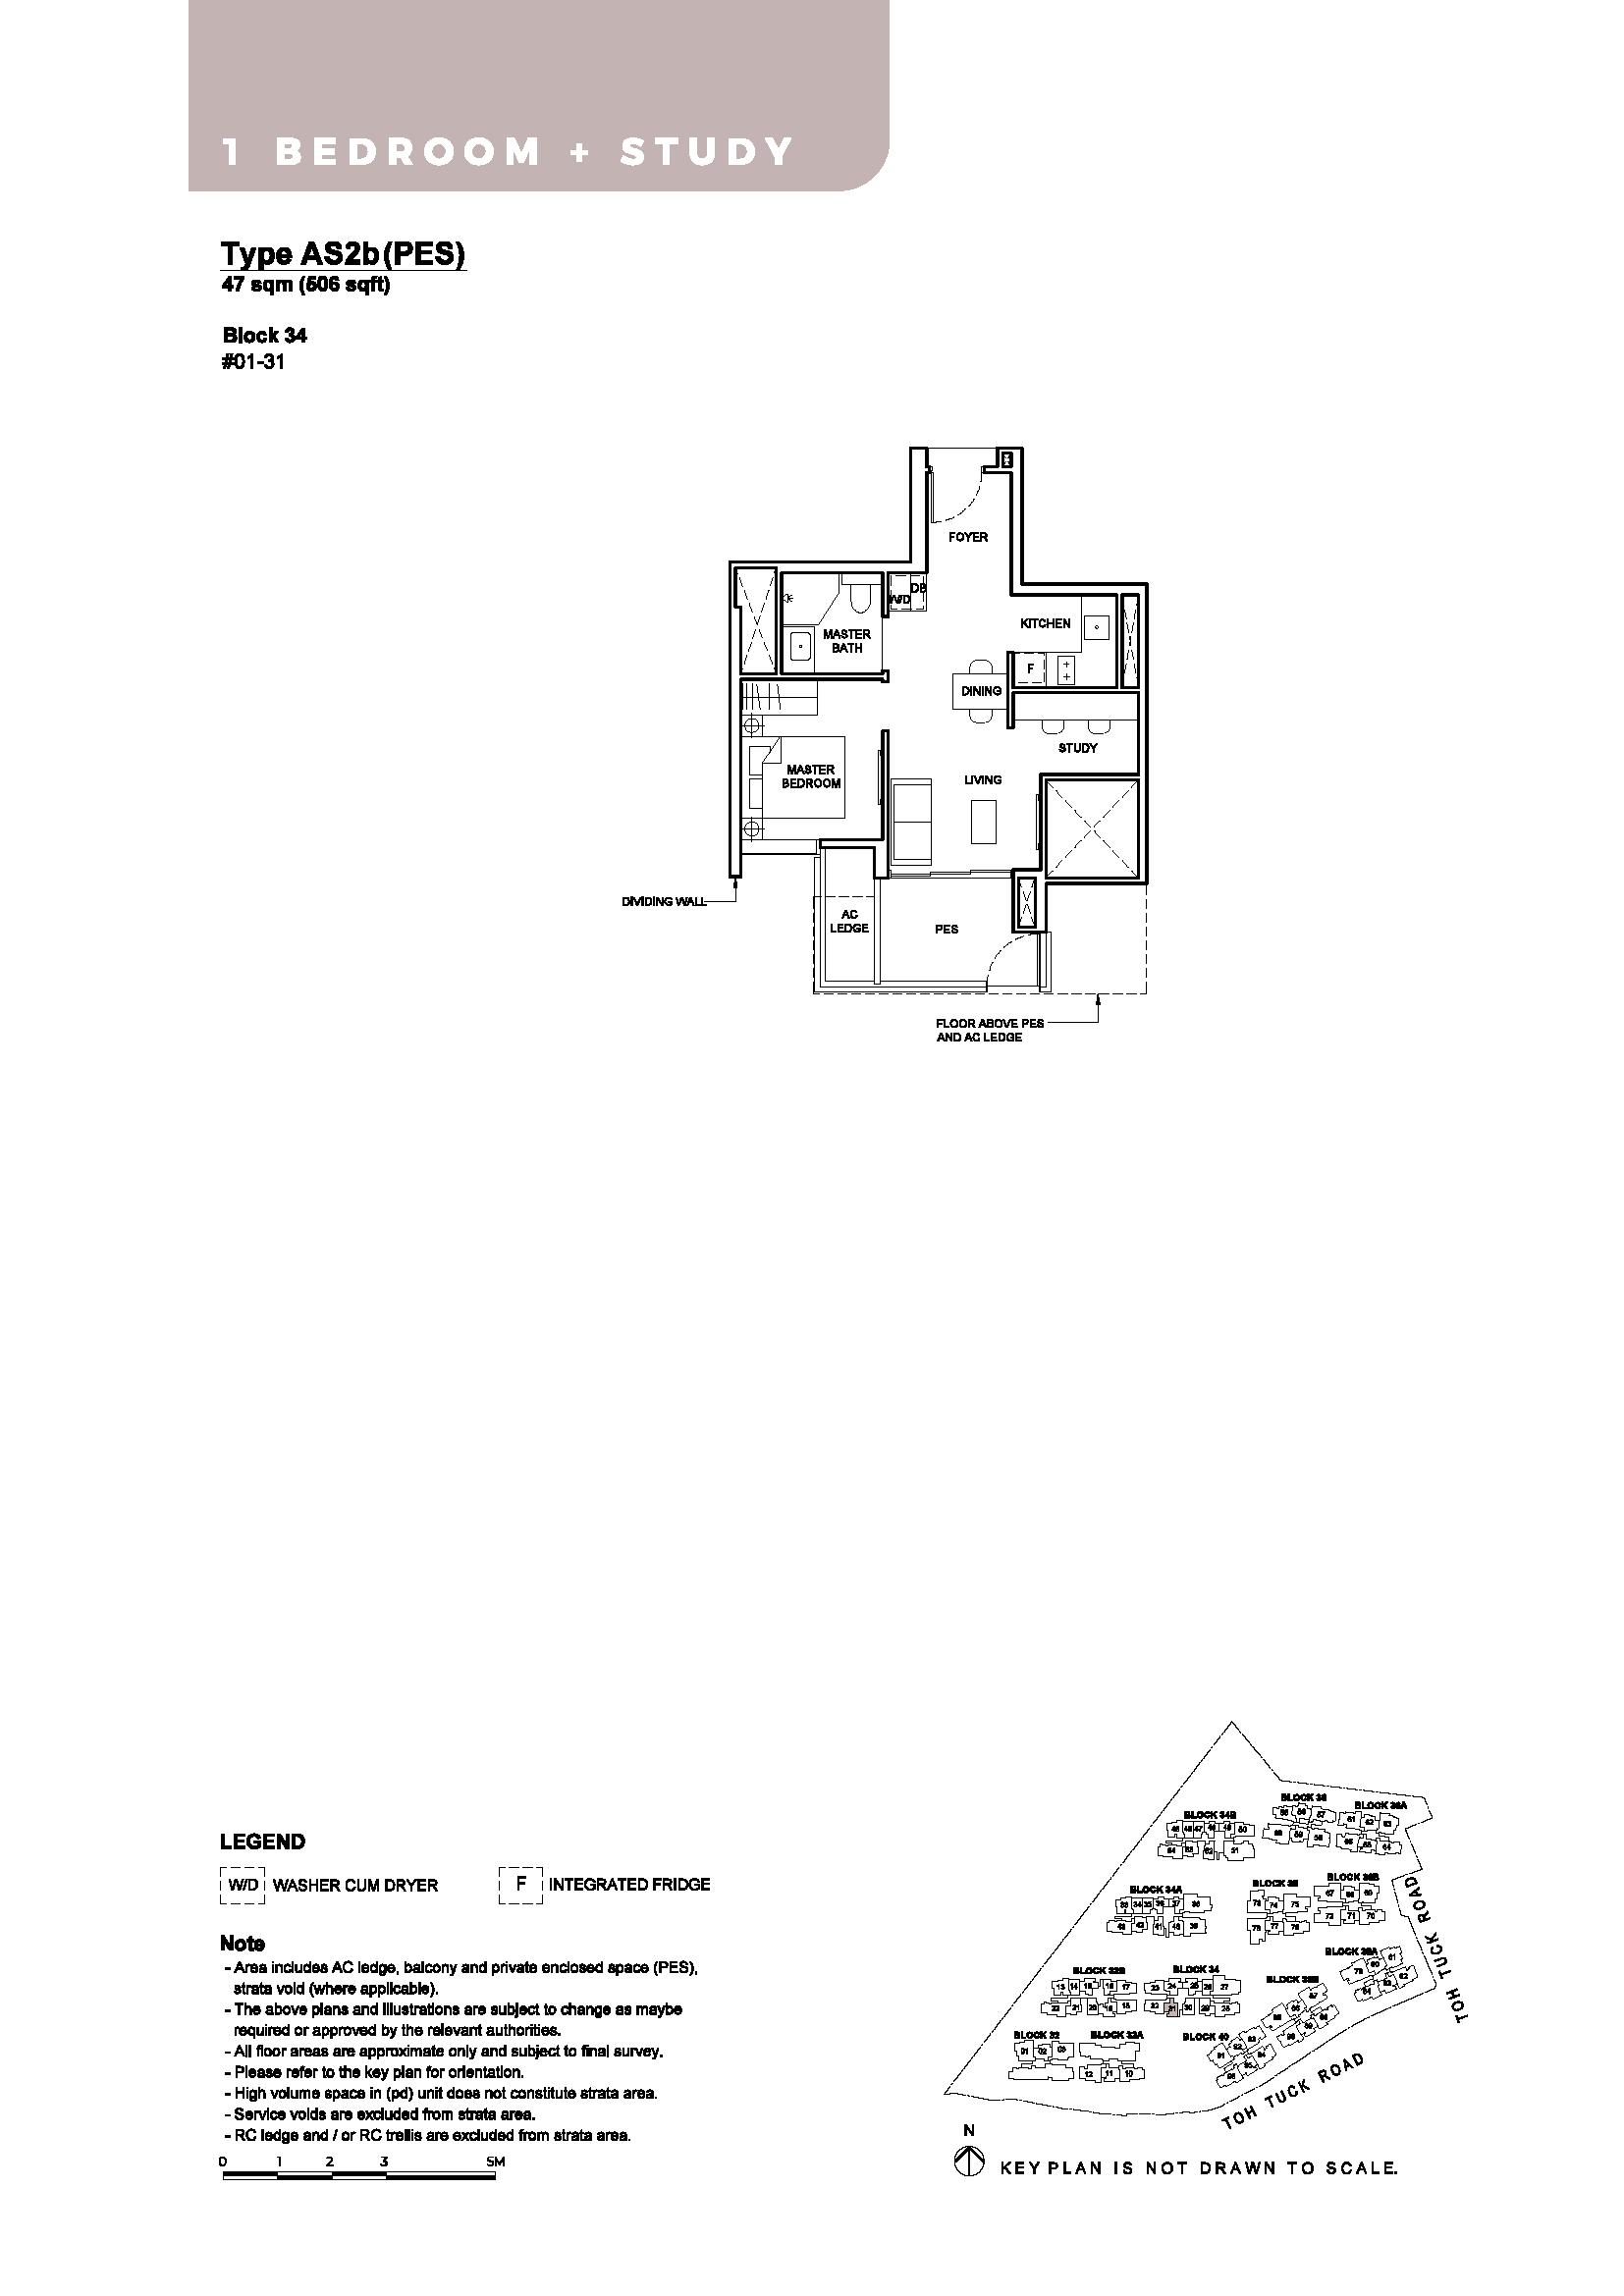 Type AS2b(PES)